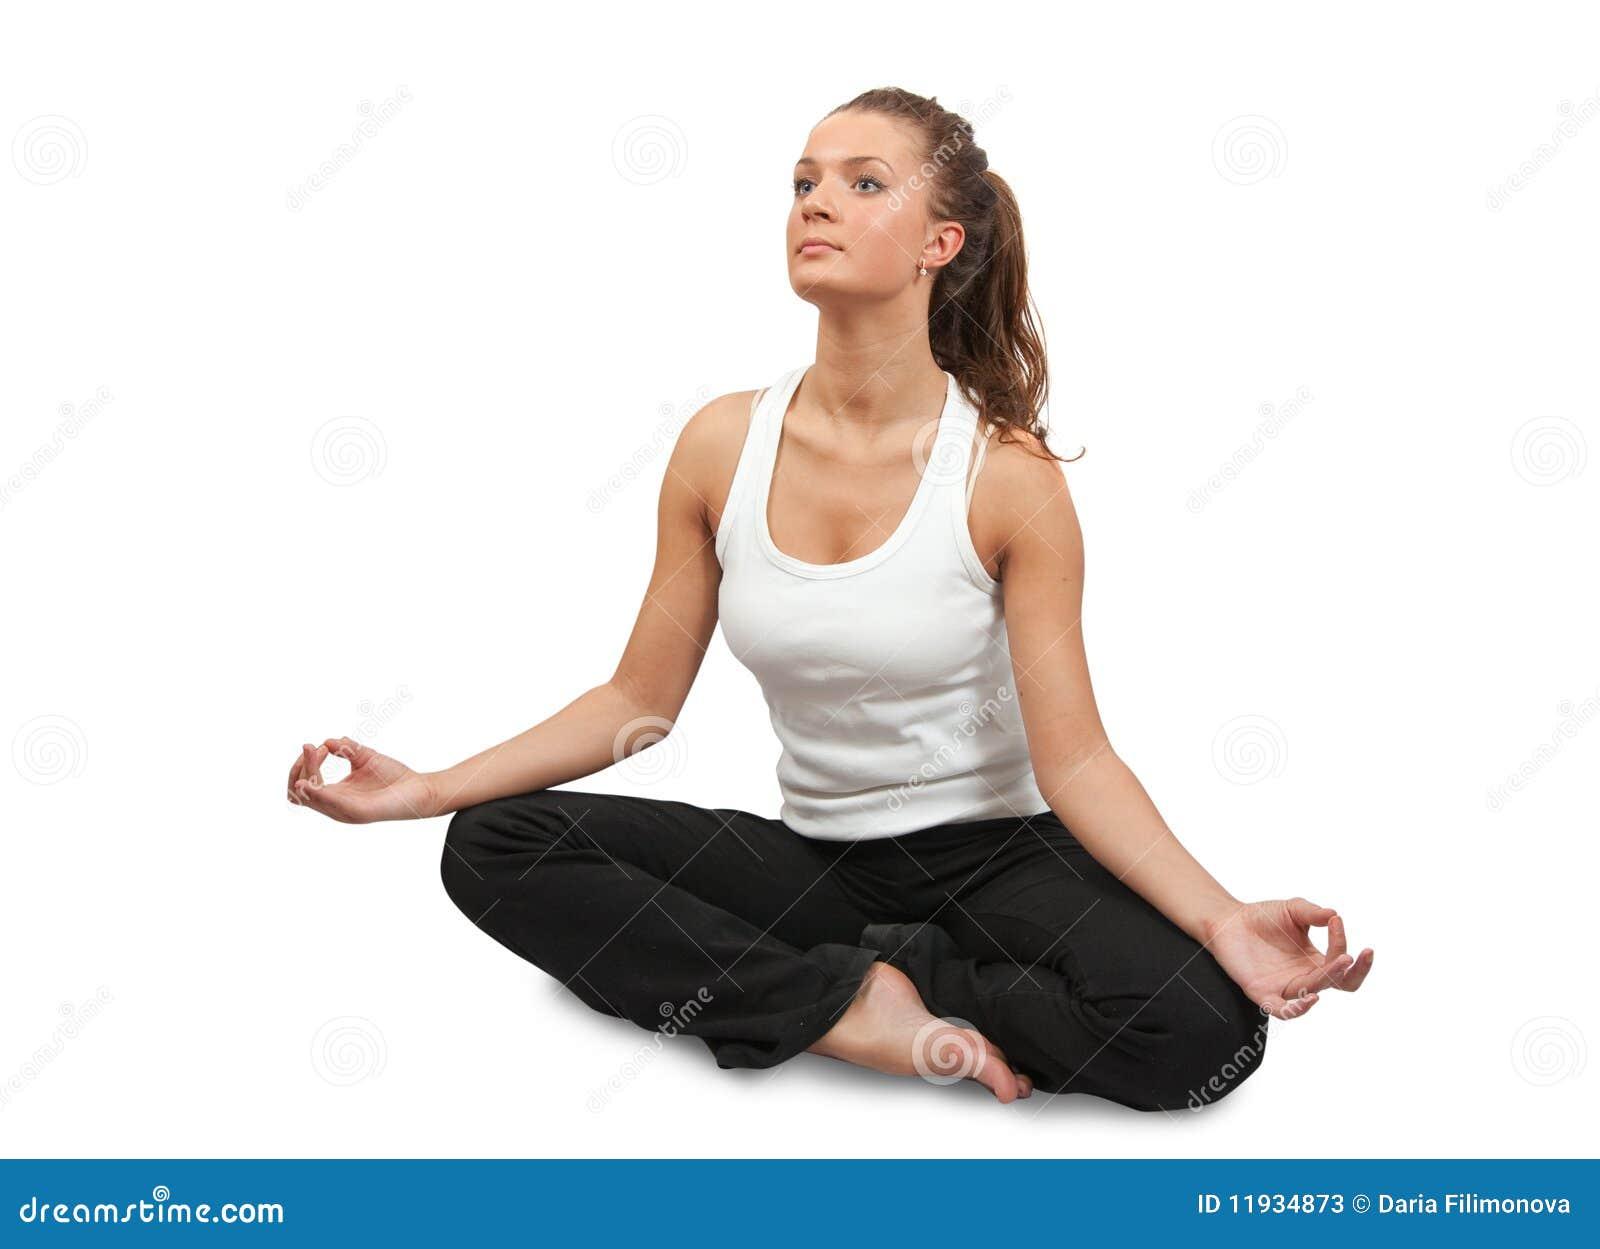 Beautiful Girl Doing Yoga. Stock Photos - Image: 11934873